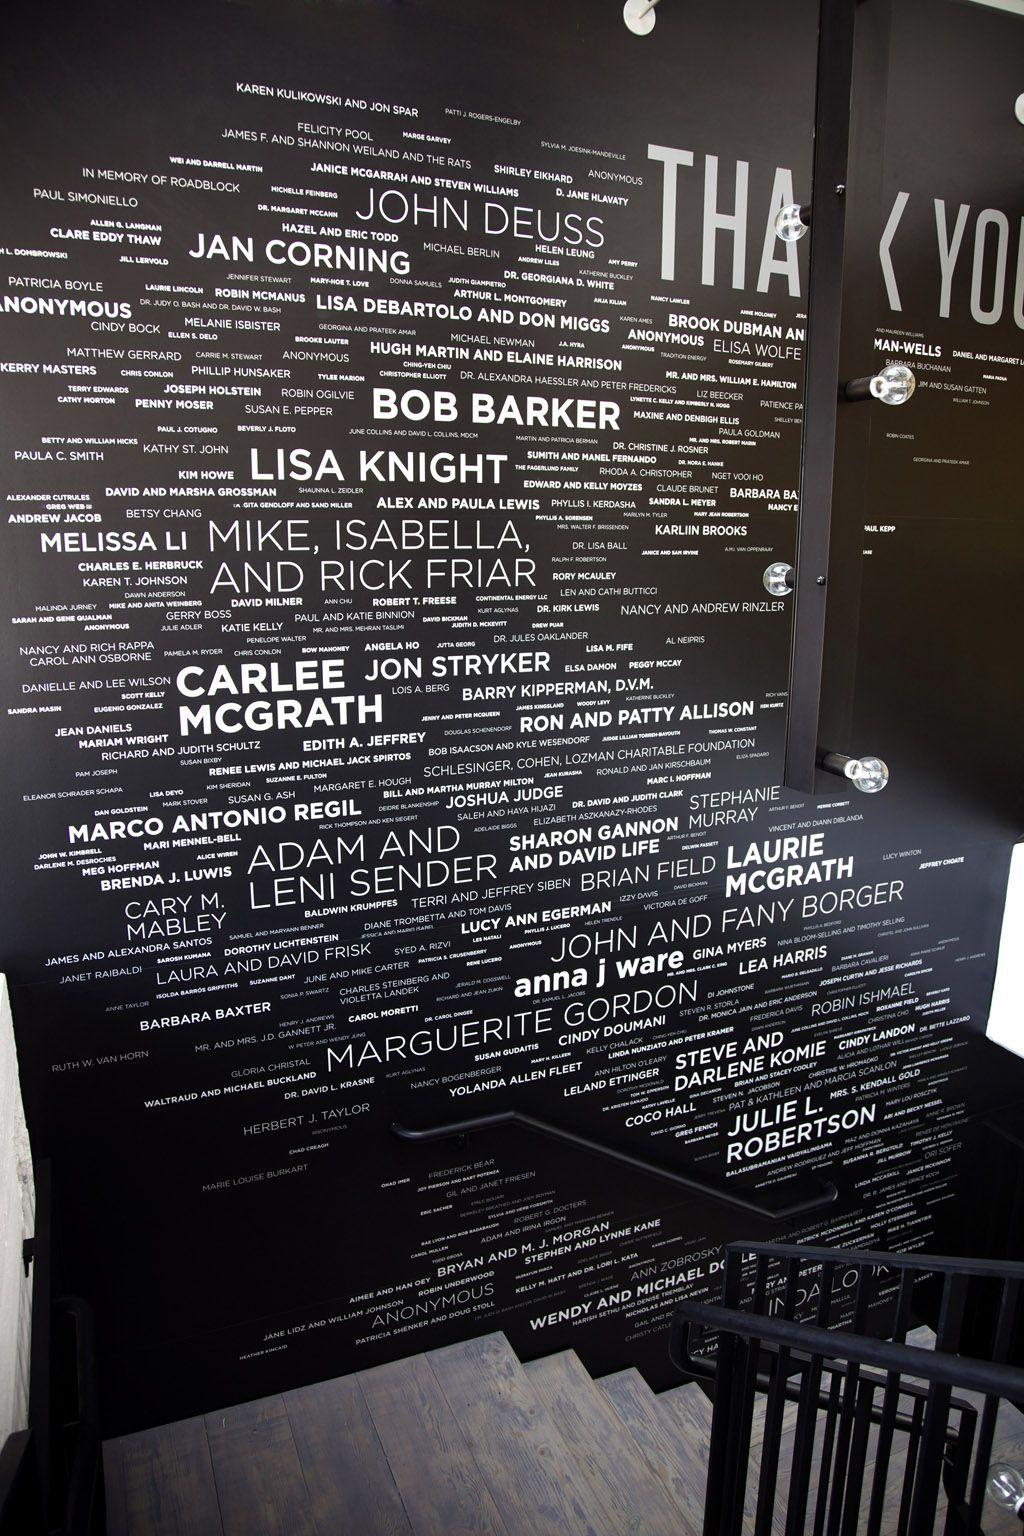 Donor Wall Sign At Peta Los Angeles USA By Lawrence Beavan Modern Interior DesignInterior